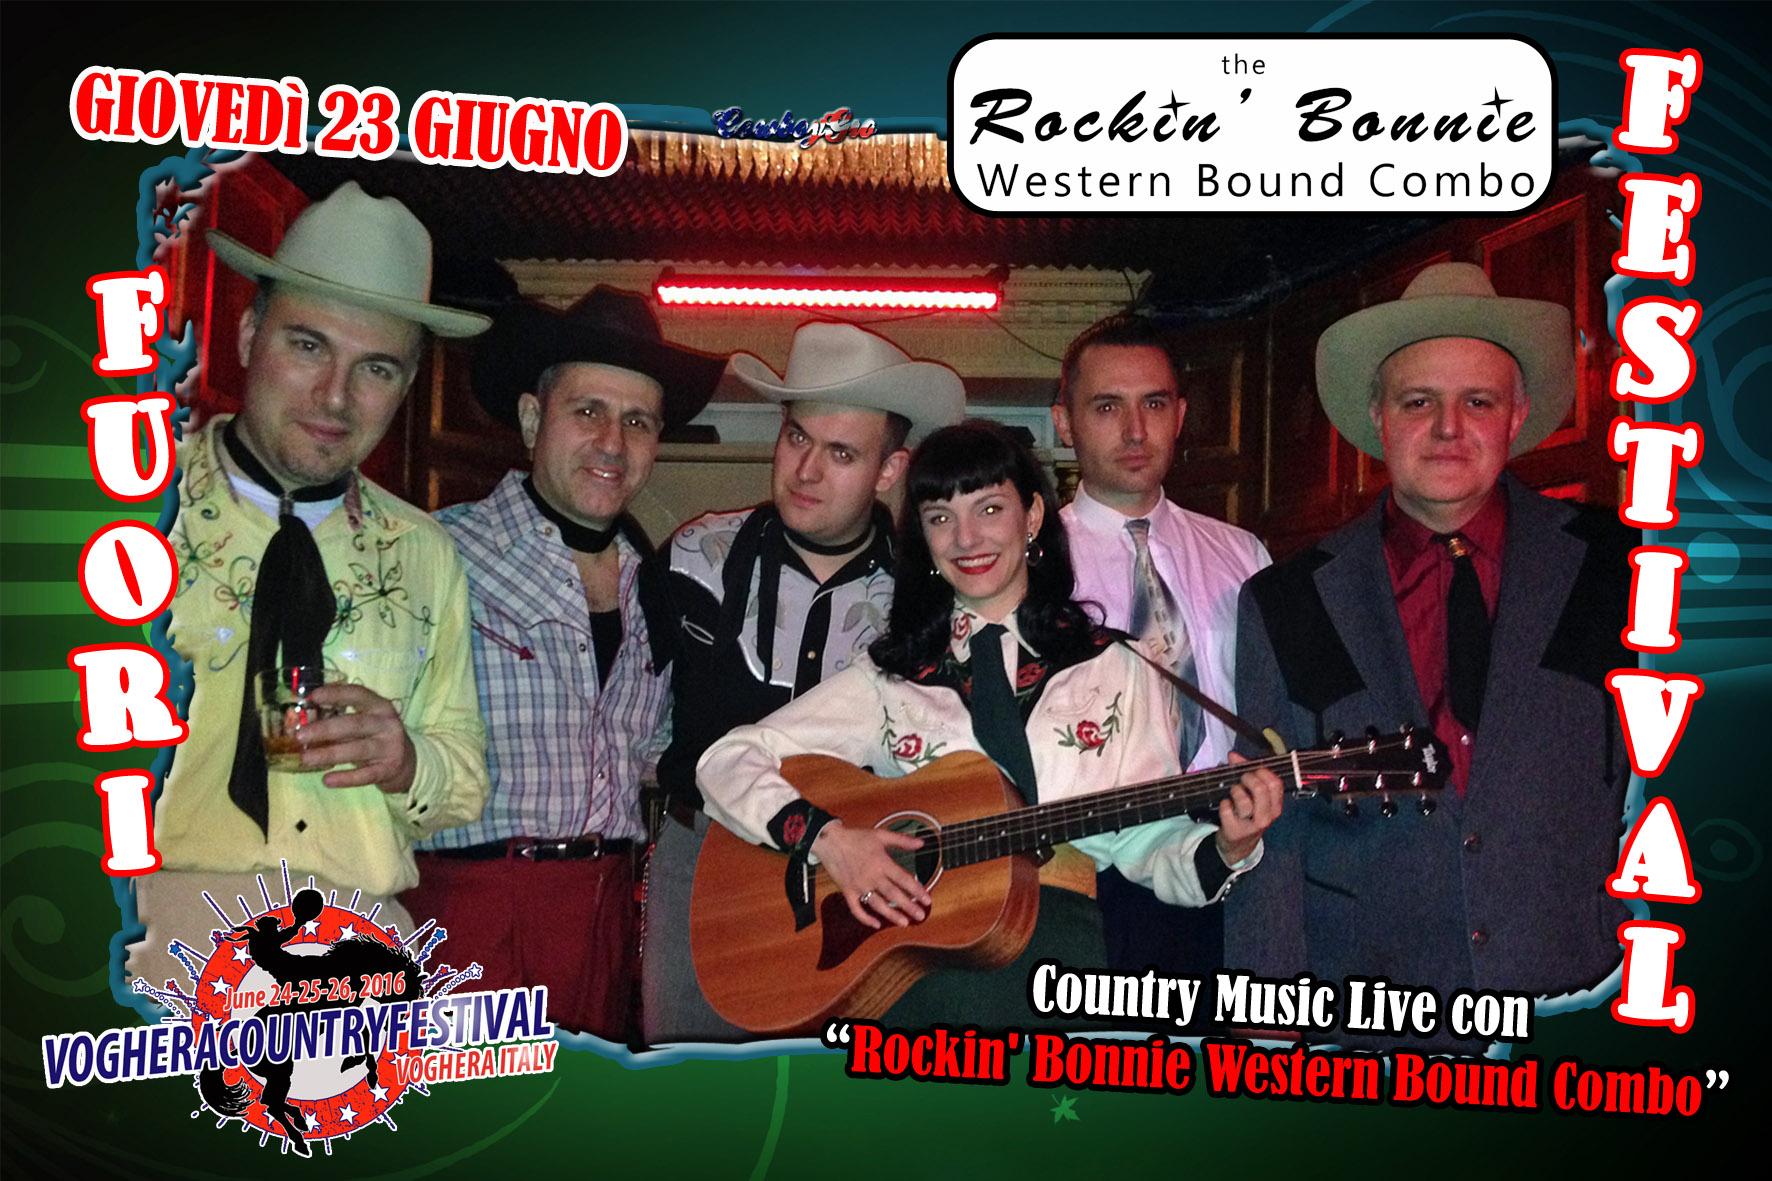 RockinBonnie WesternBoundComboPresentazione